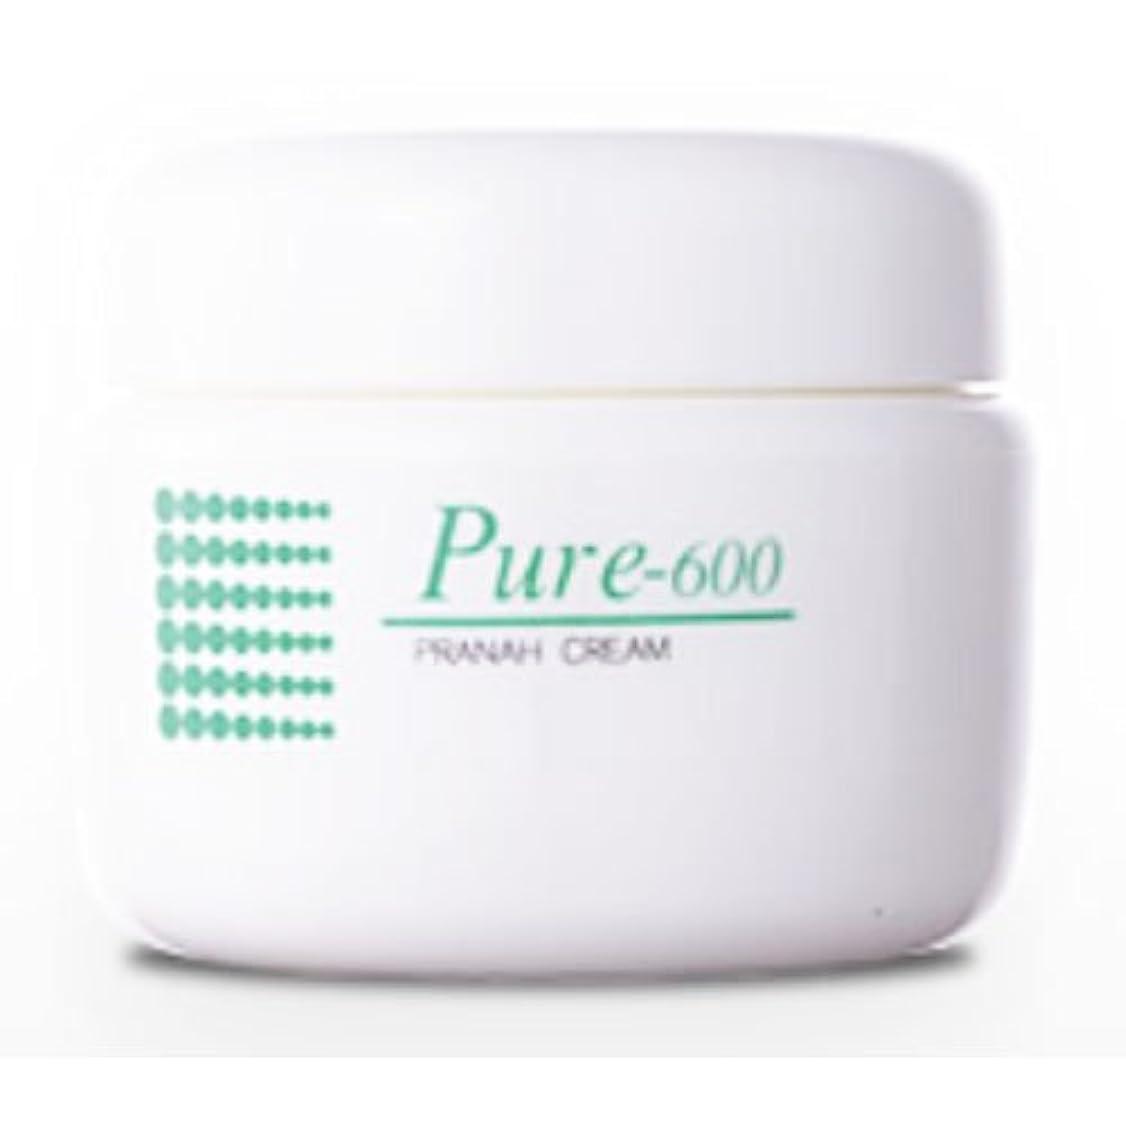 クスクスブレーク蚊セブ Pure-600プラーナクリーム